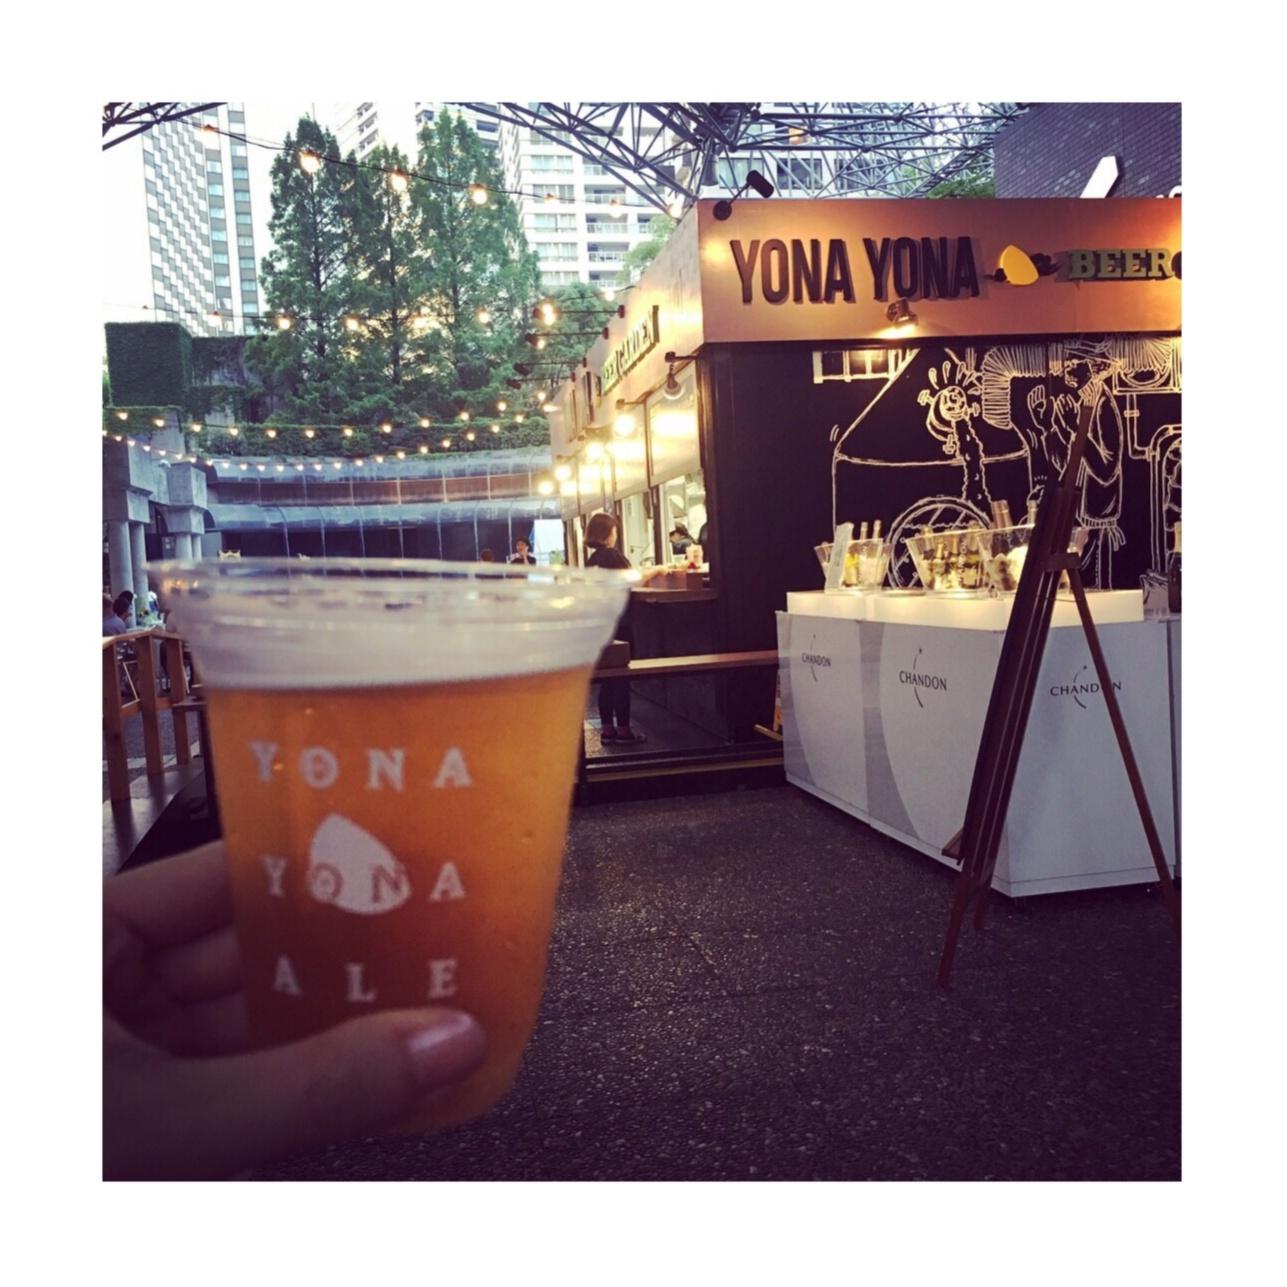 《インスタ映え★フォトジェニック❤️》【ビアガ女子会】YONA YONA BEER GARDEN♡インスタ投稿で1杯無料キャンペーンも!_1